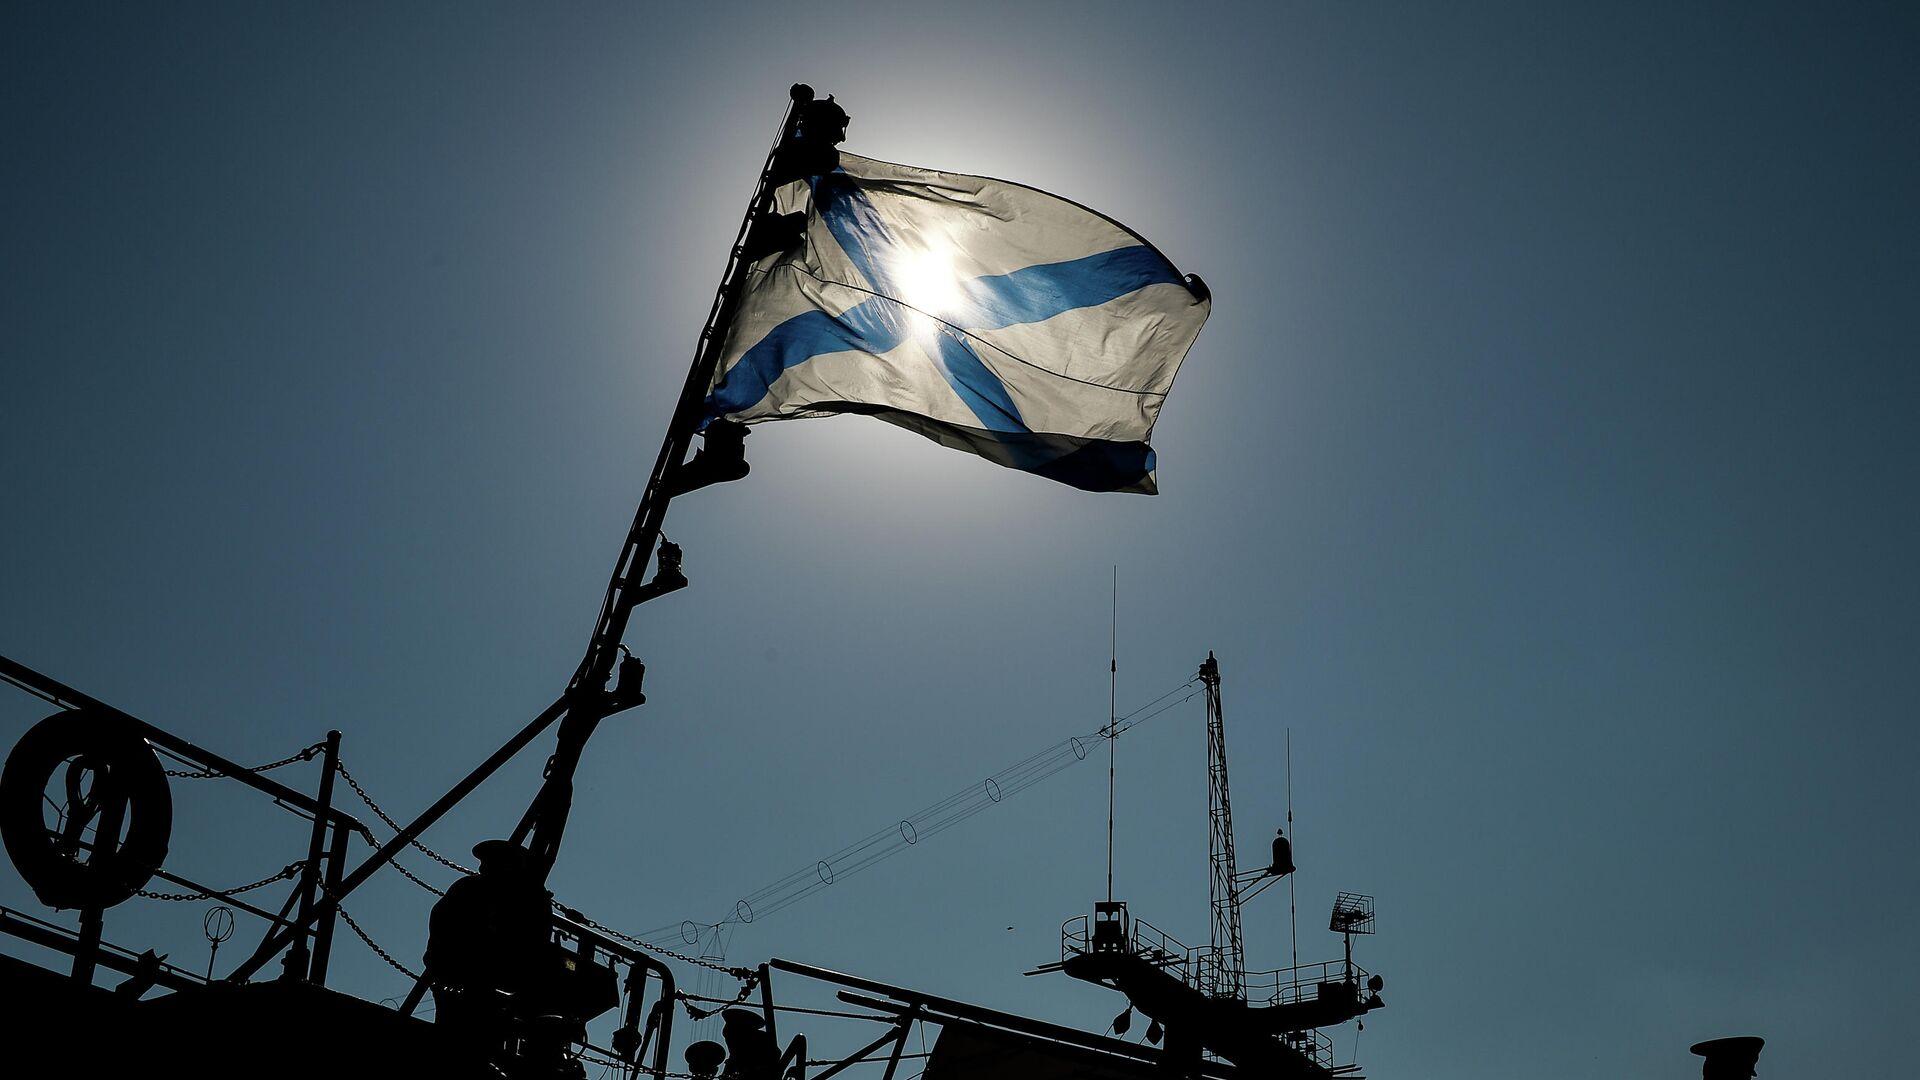 Андреевский флаг на одном из кораблей Черноморского флота РФ - РИА Новости, 1920, 14.09.2020